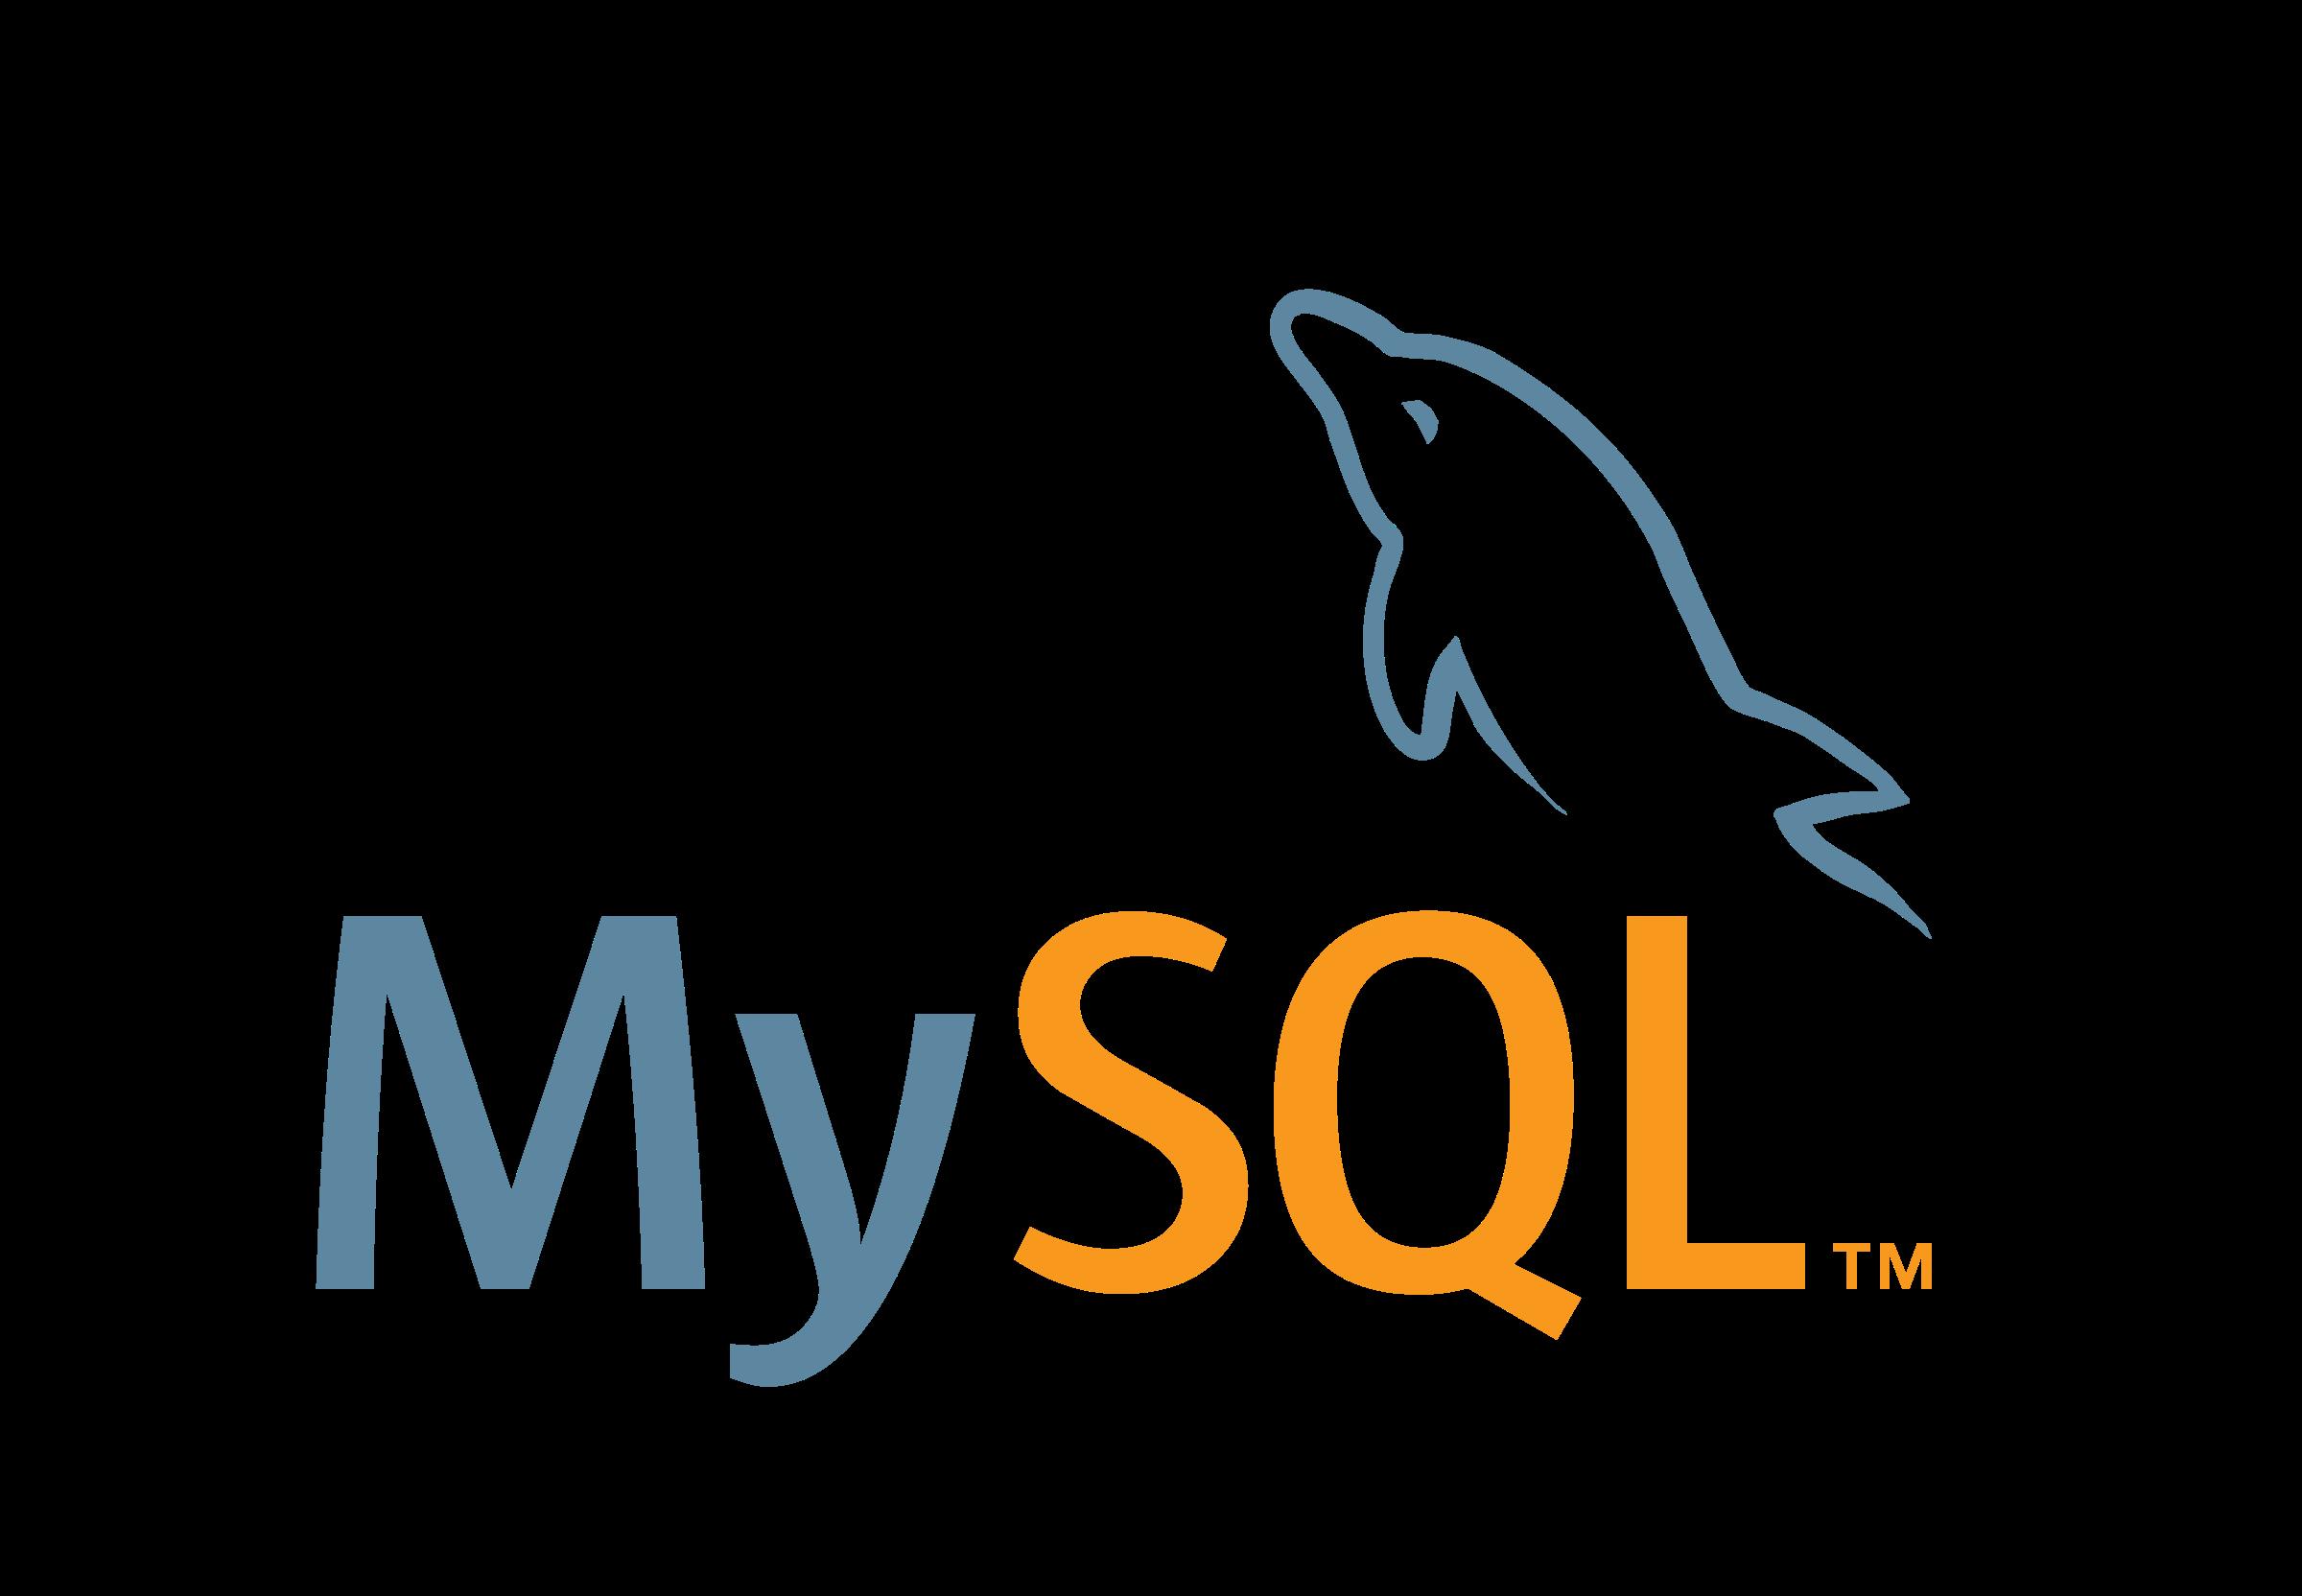 基于Percona分支制作的Mysql单节点应用,支持全量mysql配置